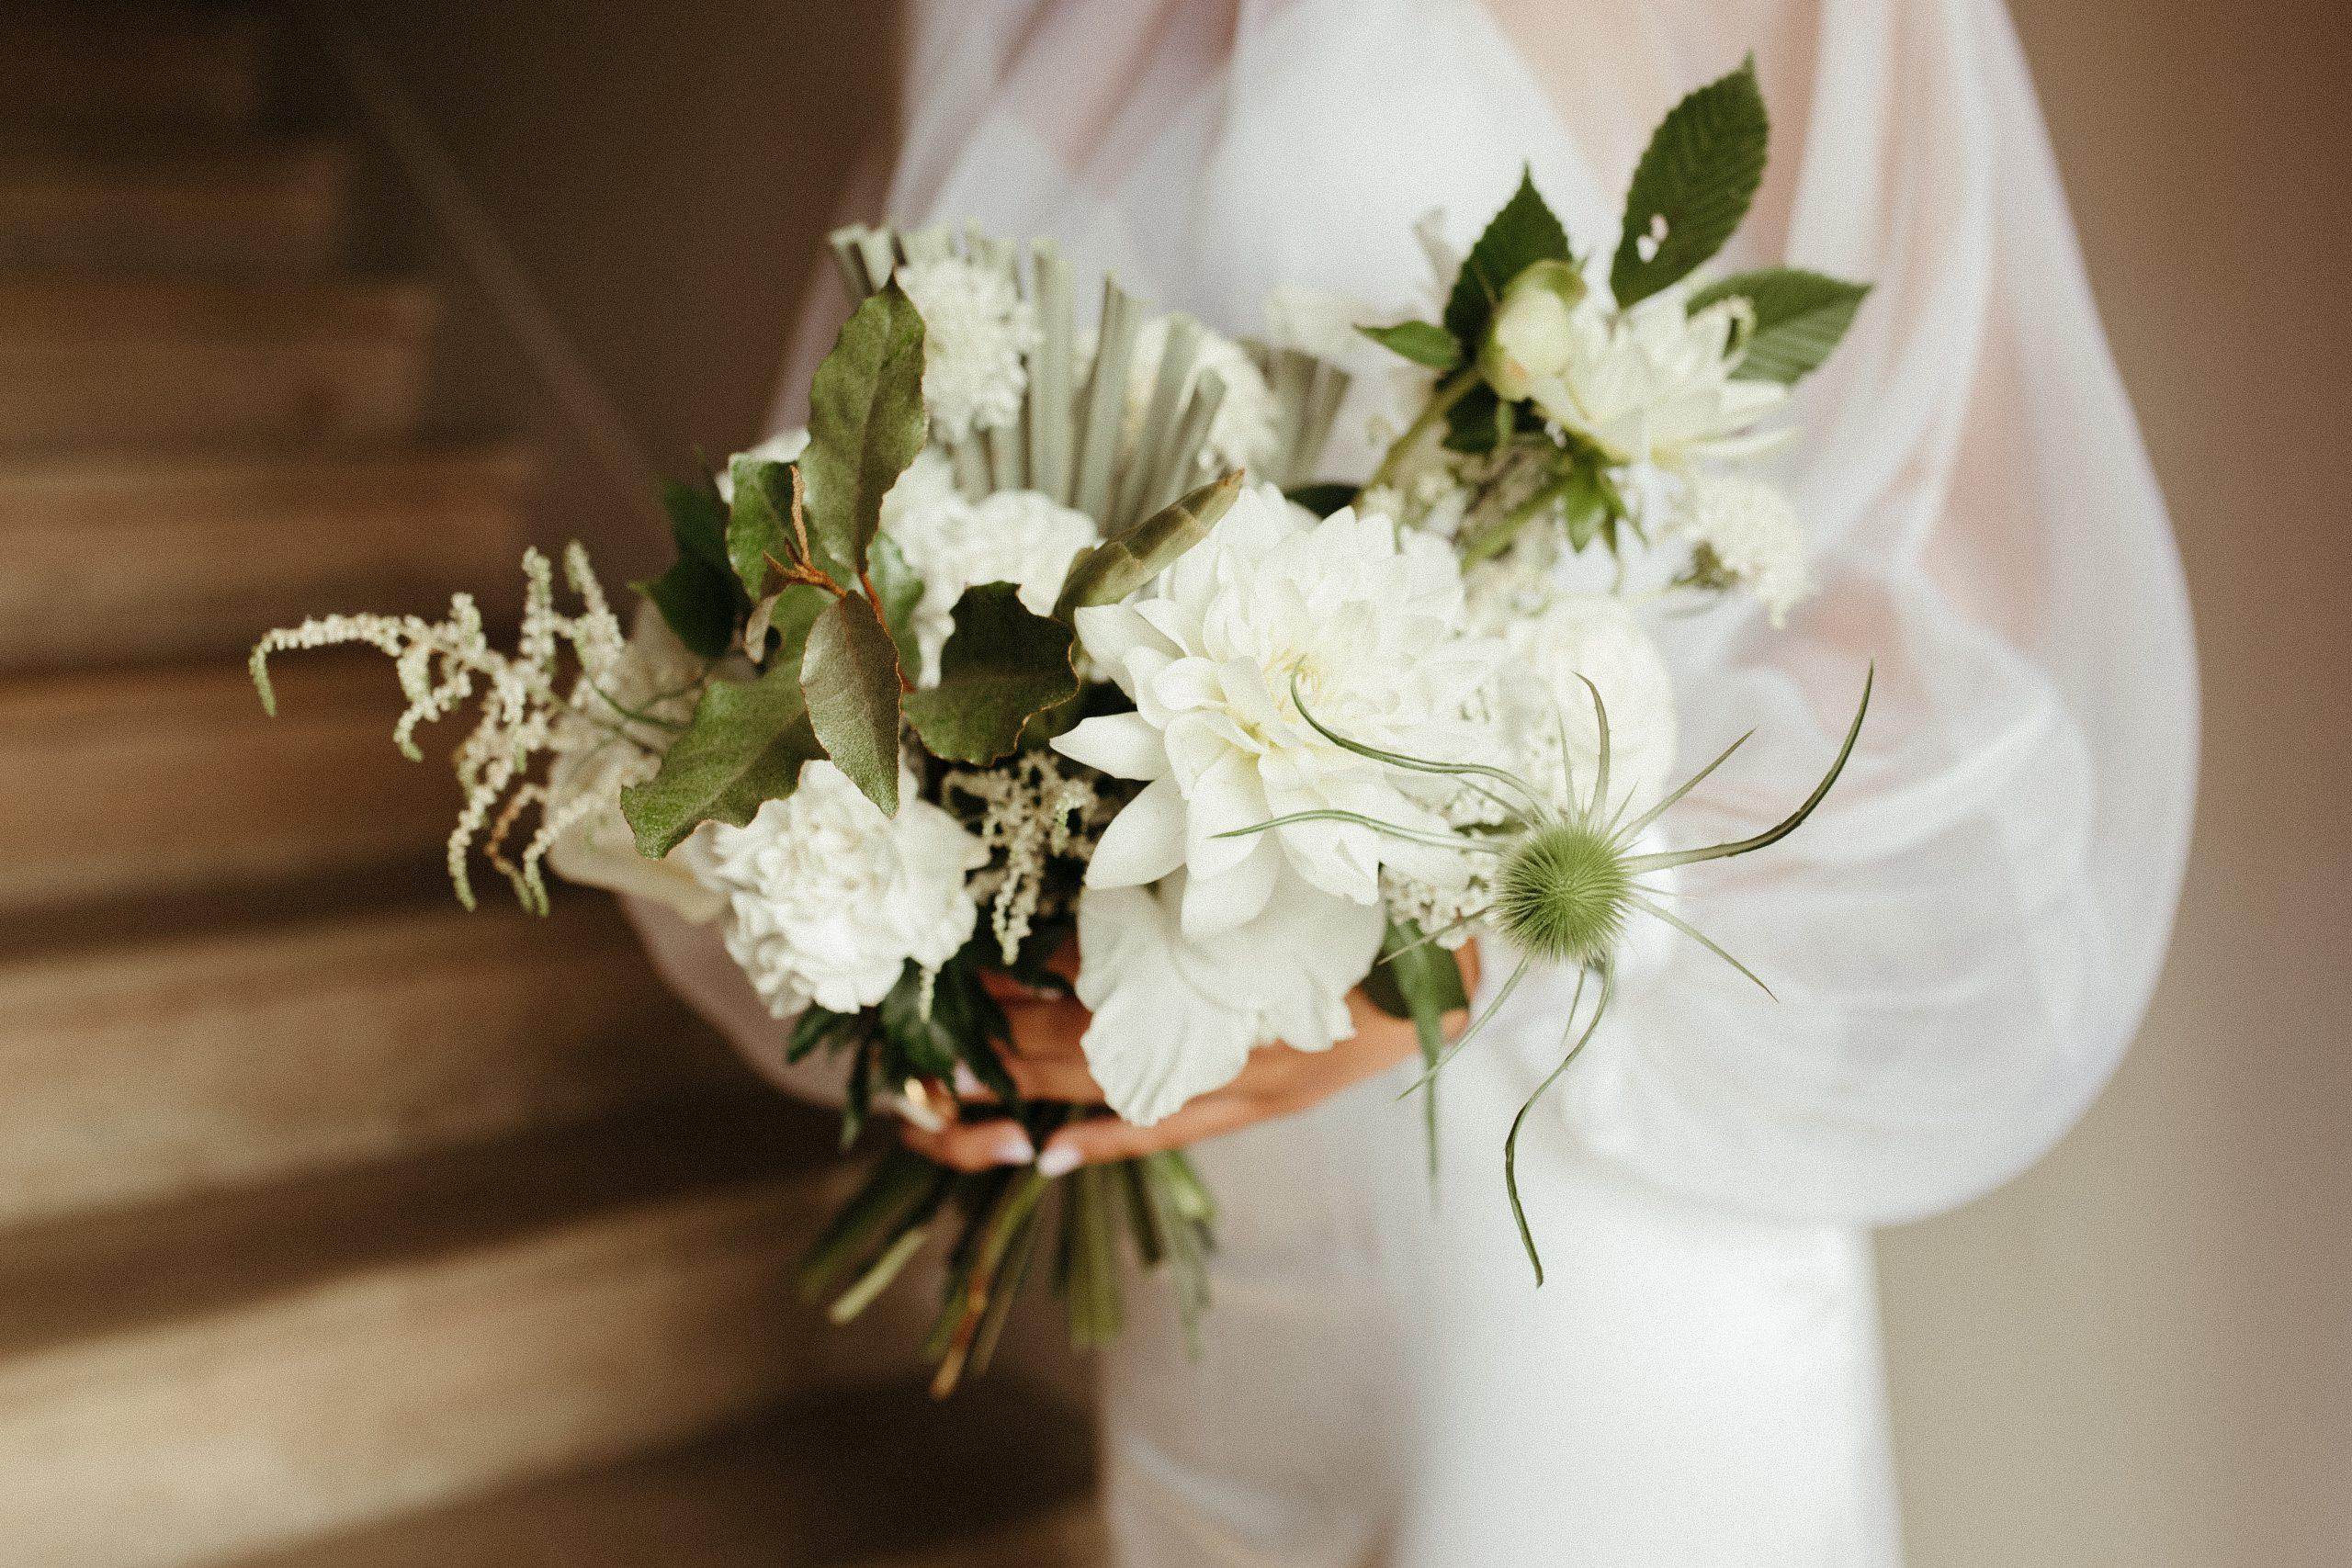 UTOPICLOVERS20200702 – EDITO Jérémie Sésanne Lajarveniere 8091 scaled - Un mariage élégant et végétal dans le Beaujolais